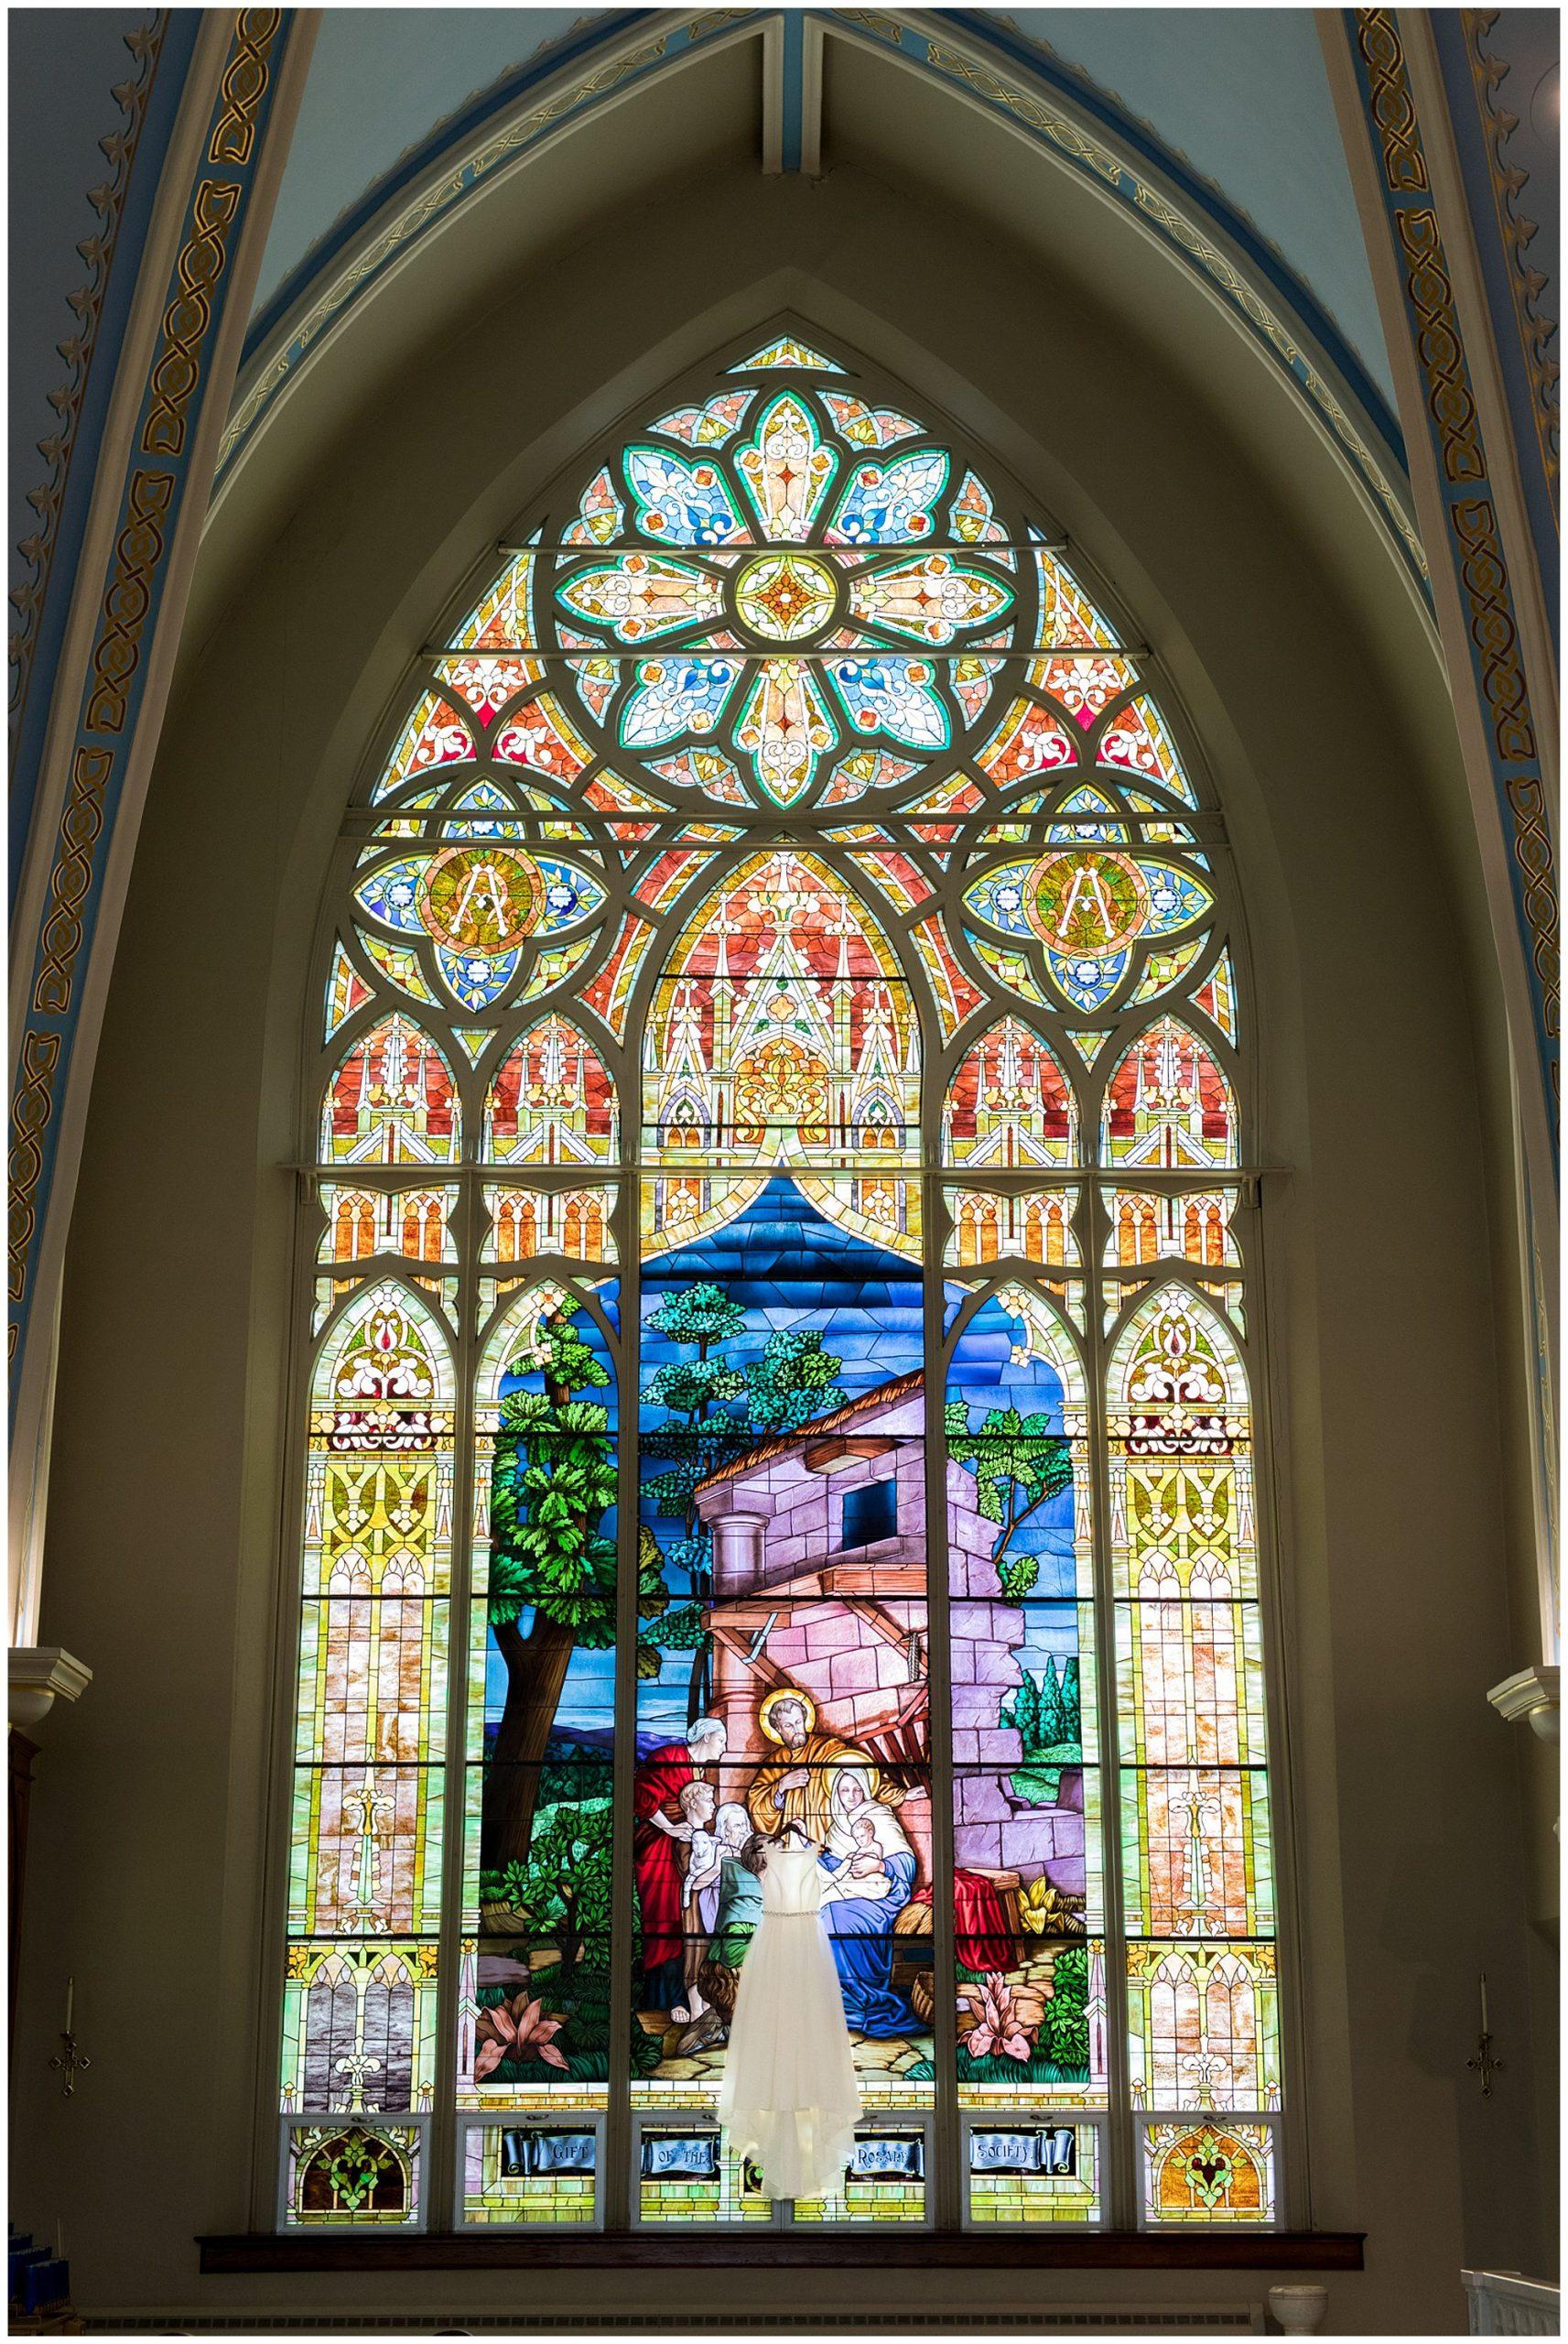 St. Patrick Church Kokomo stained glass window